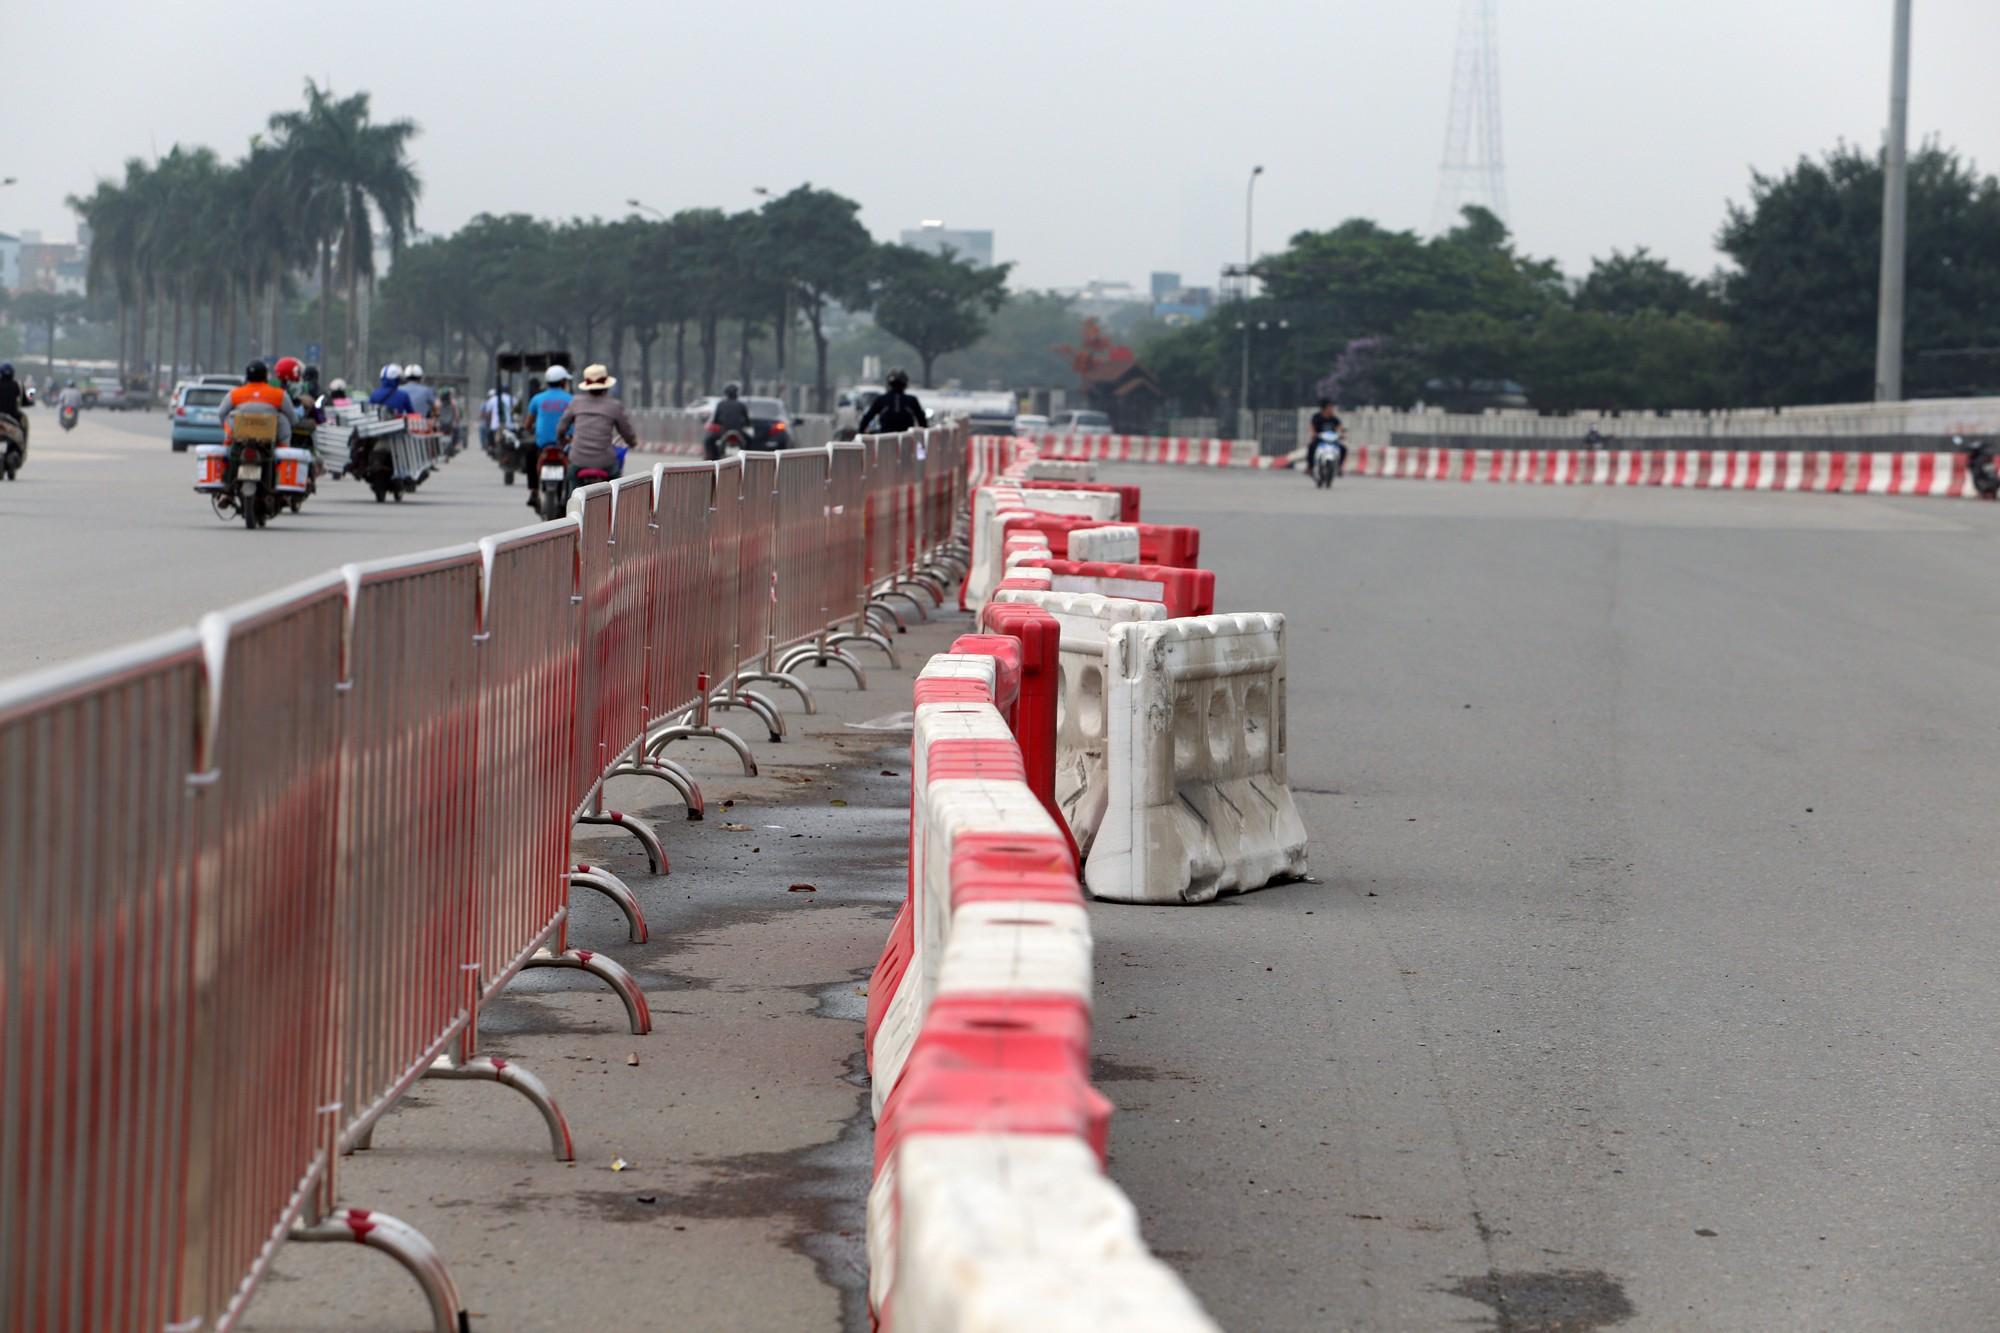 Cận cảnh nơi xe đua F1 sắp trình diễn ở sân vận động Mỹ Đình - Ảnh 10.